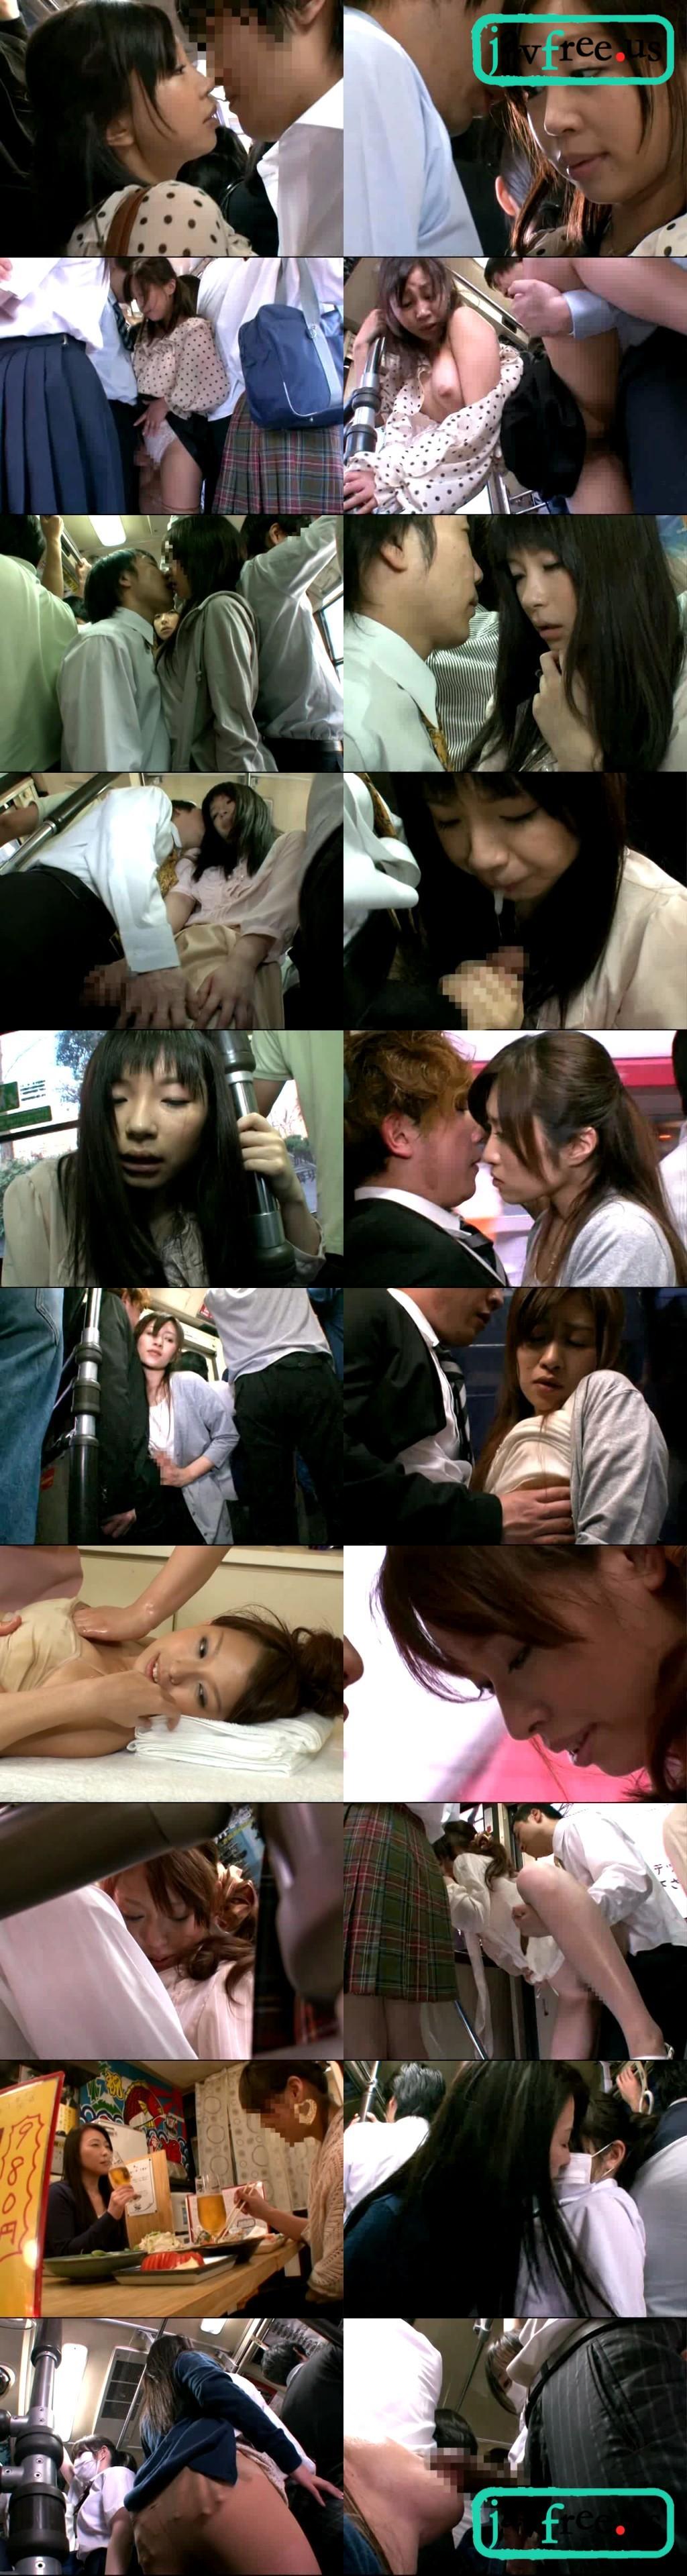 [DANDY 238] 「キスまで3cm 日曜日の恋人のいない美淑女に満員状態で息がかかるほど密着したらヤられた」 VOL.3 DANDY